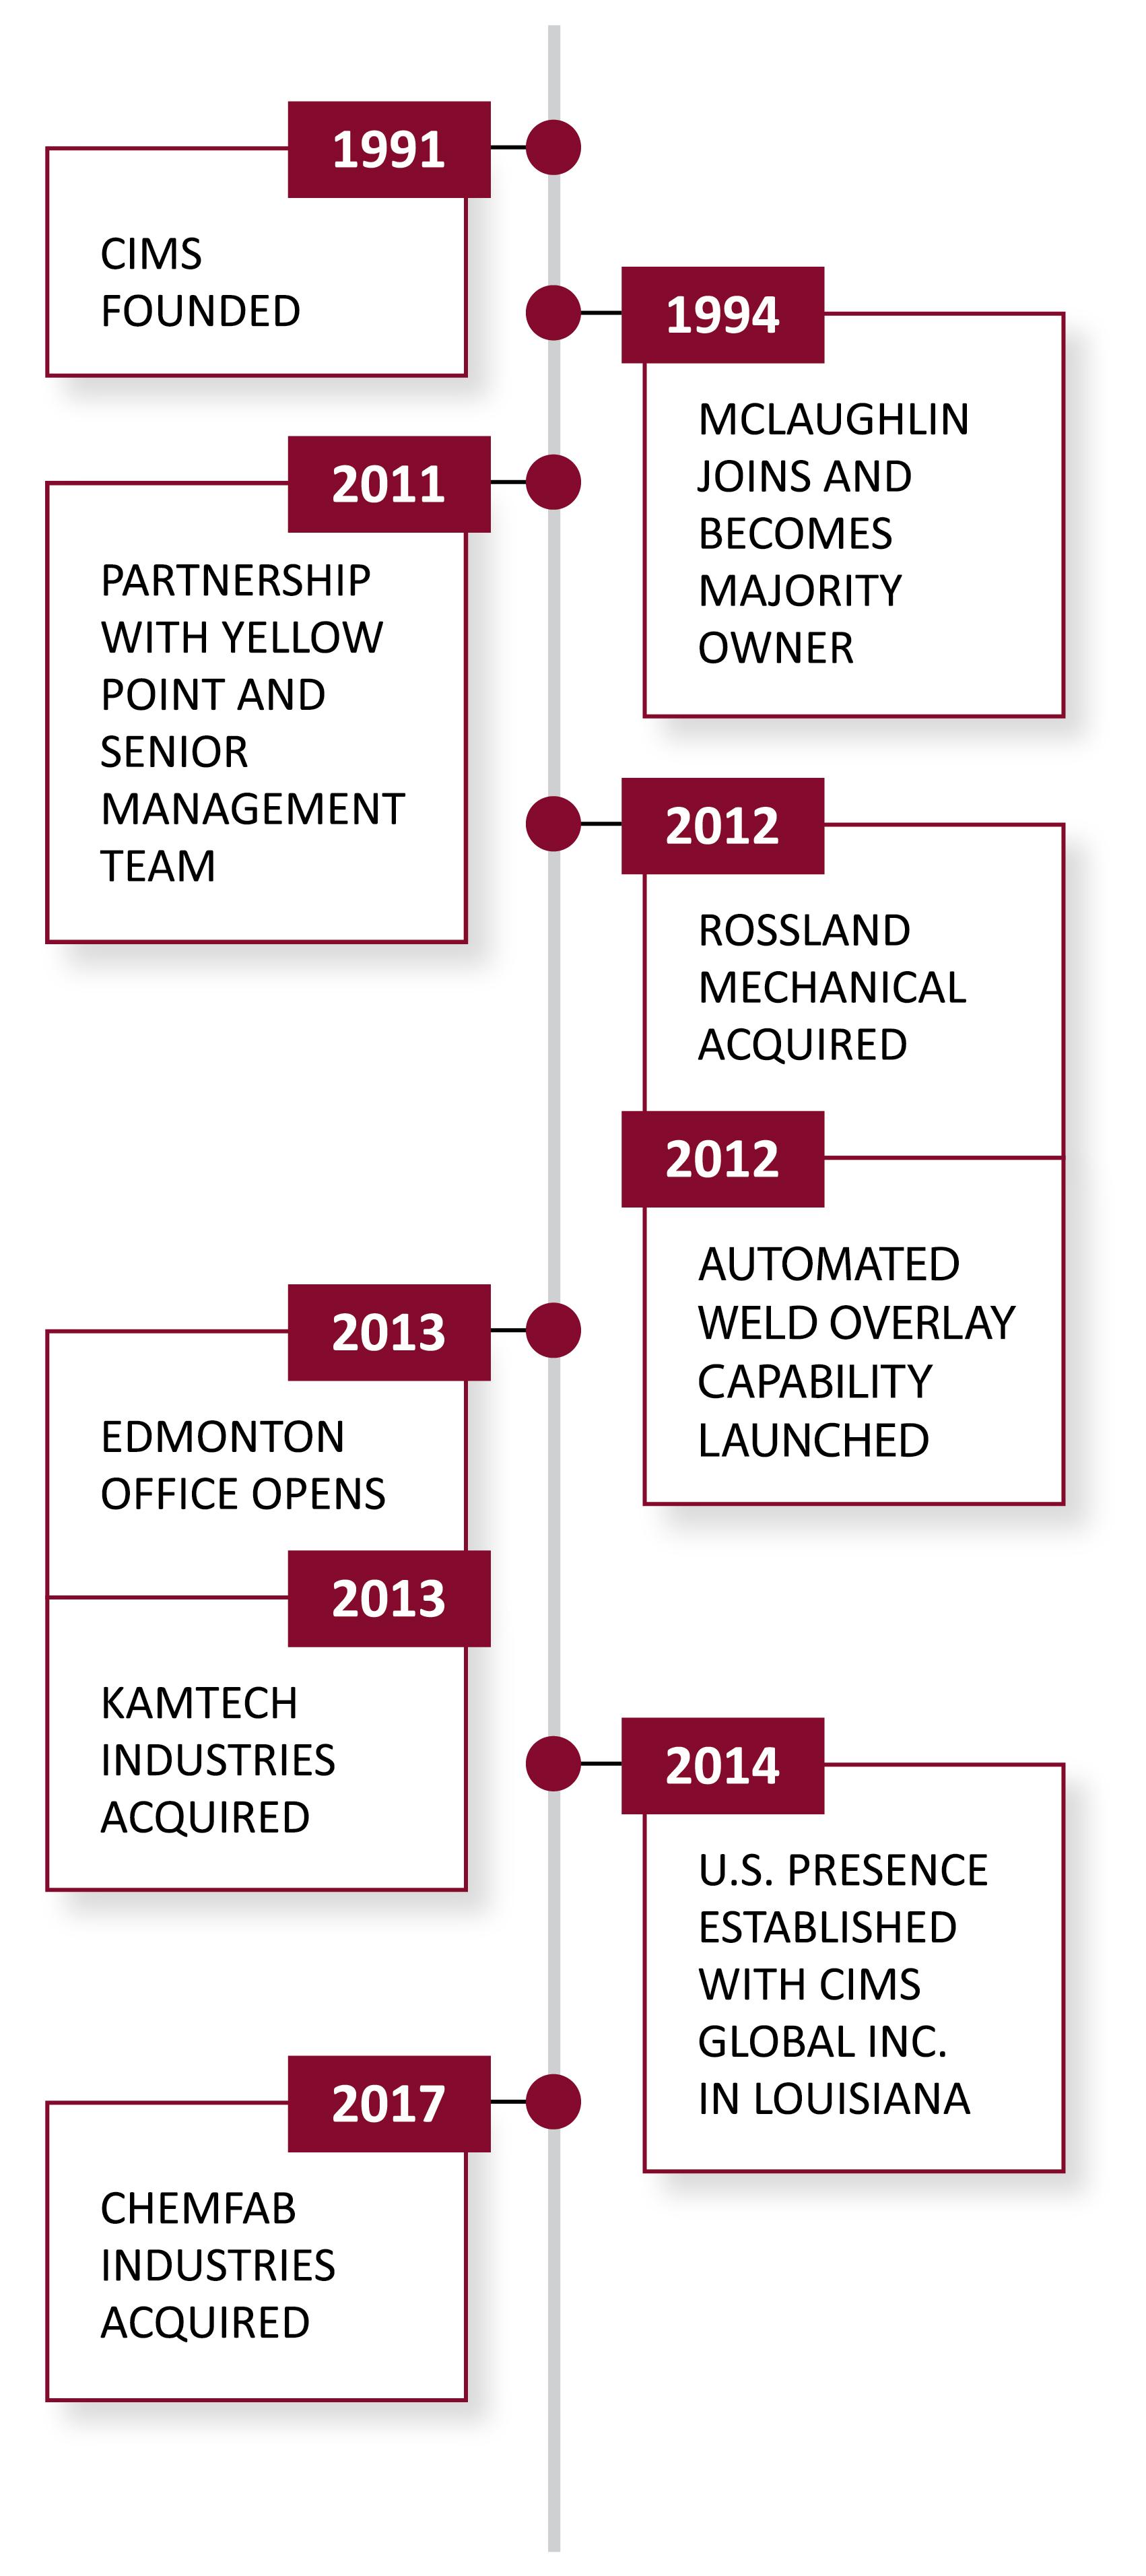 CIMS Ltd Timeline Story